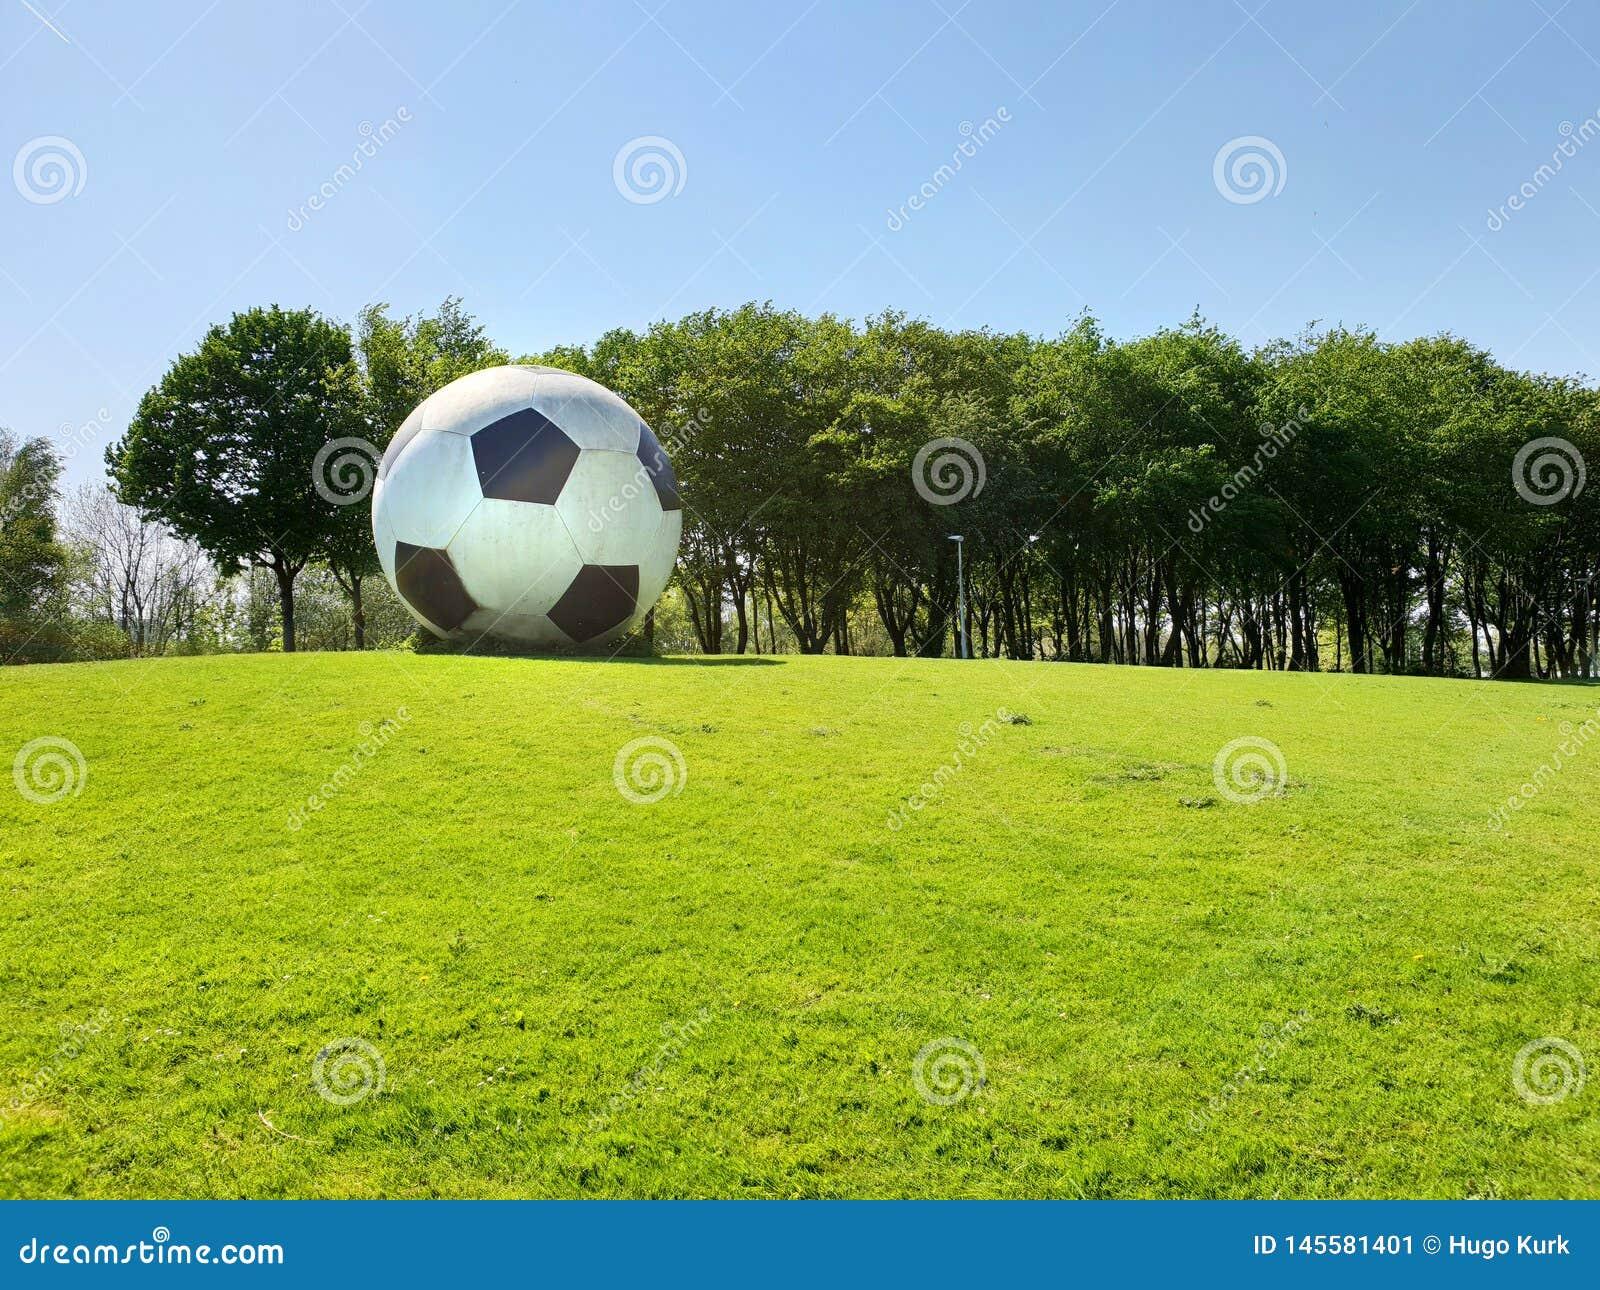 Fútbol de gran tamaño como ilustraciones en espacio público